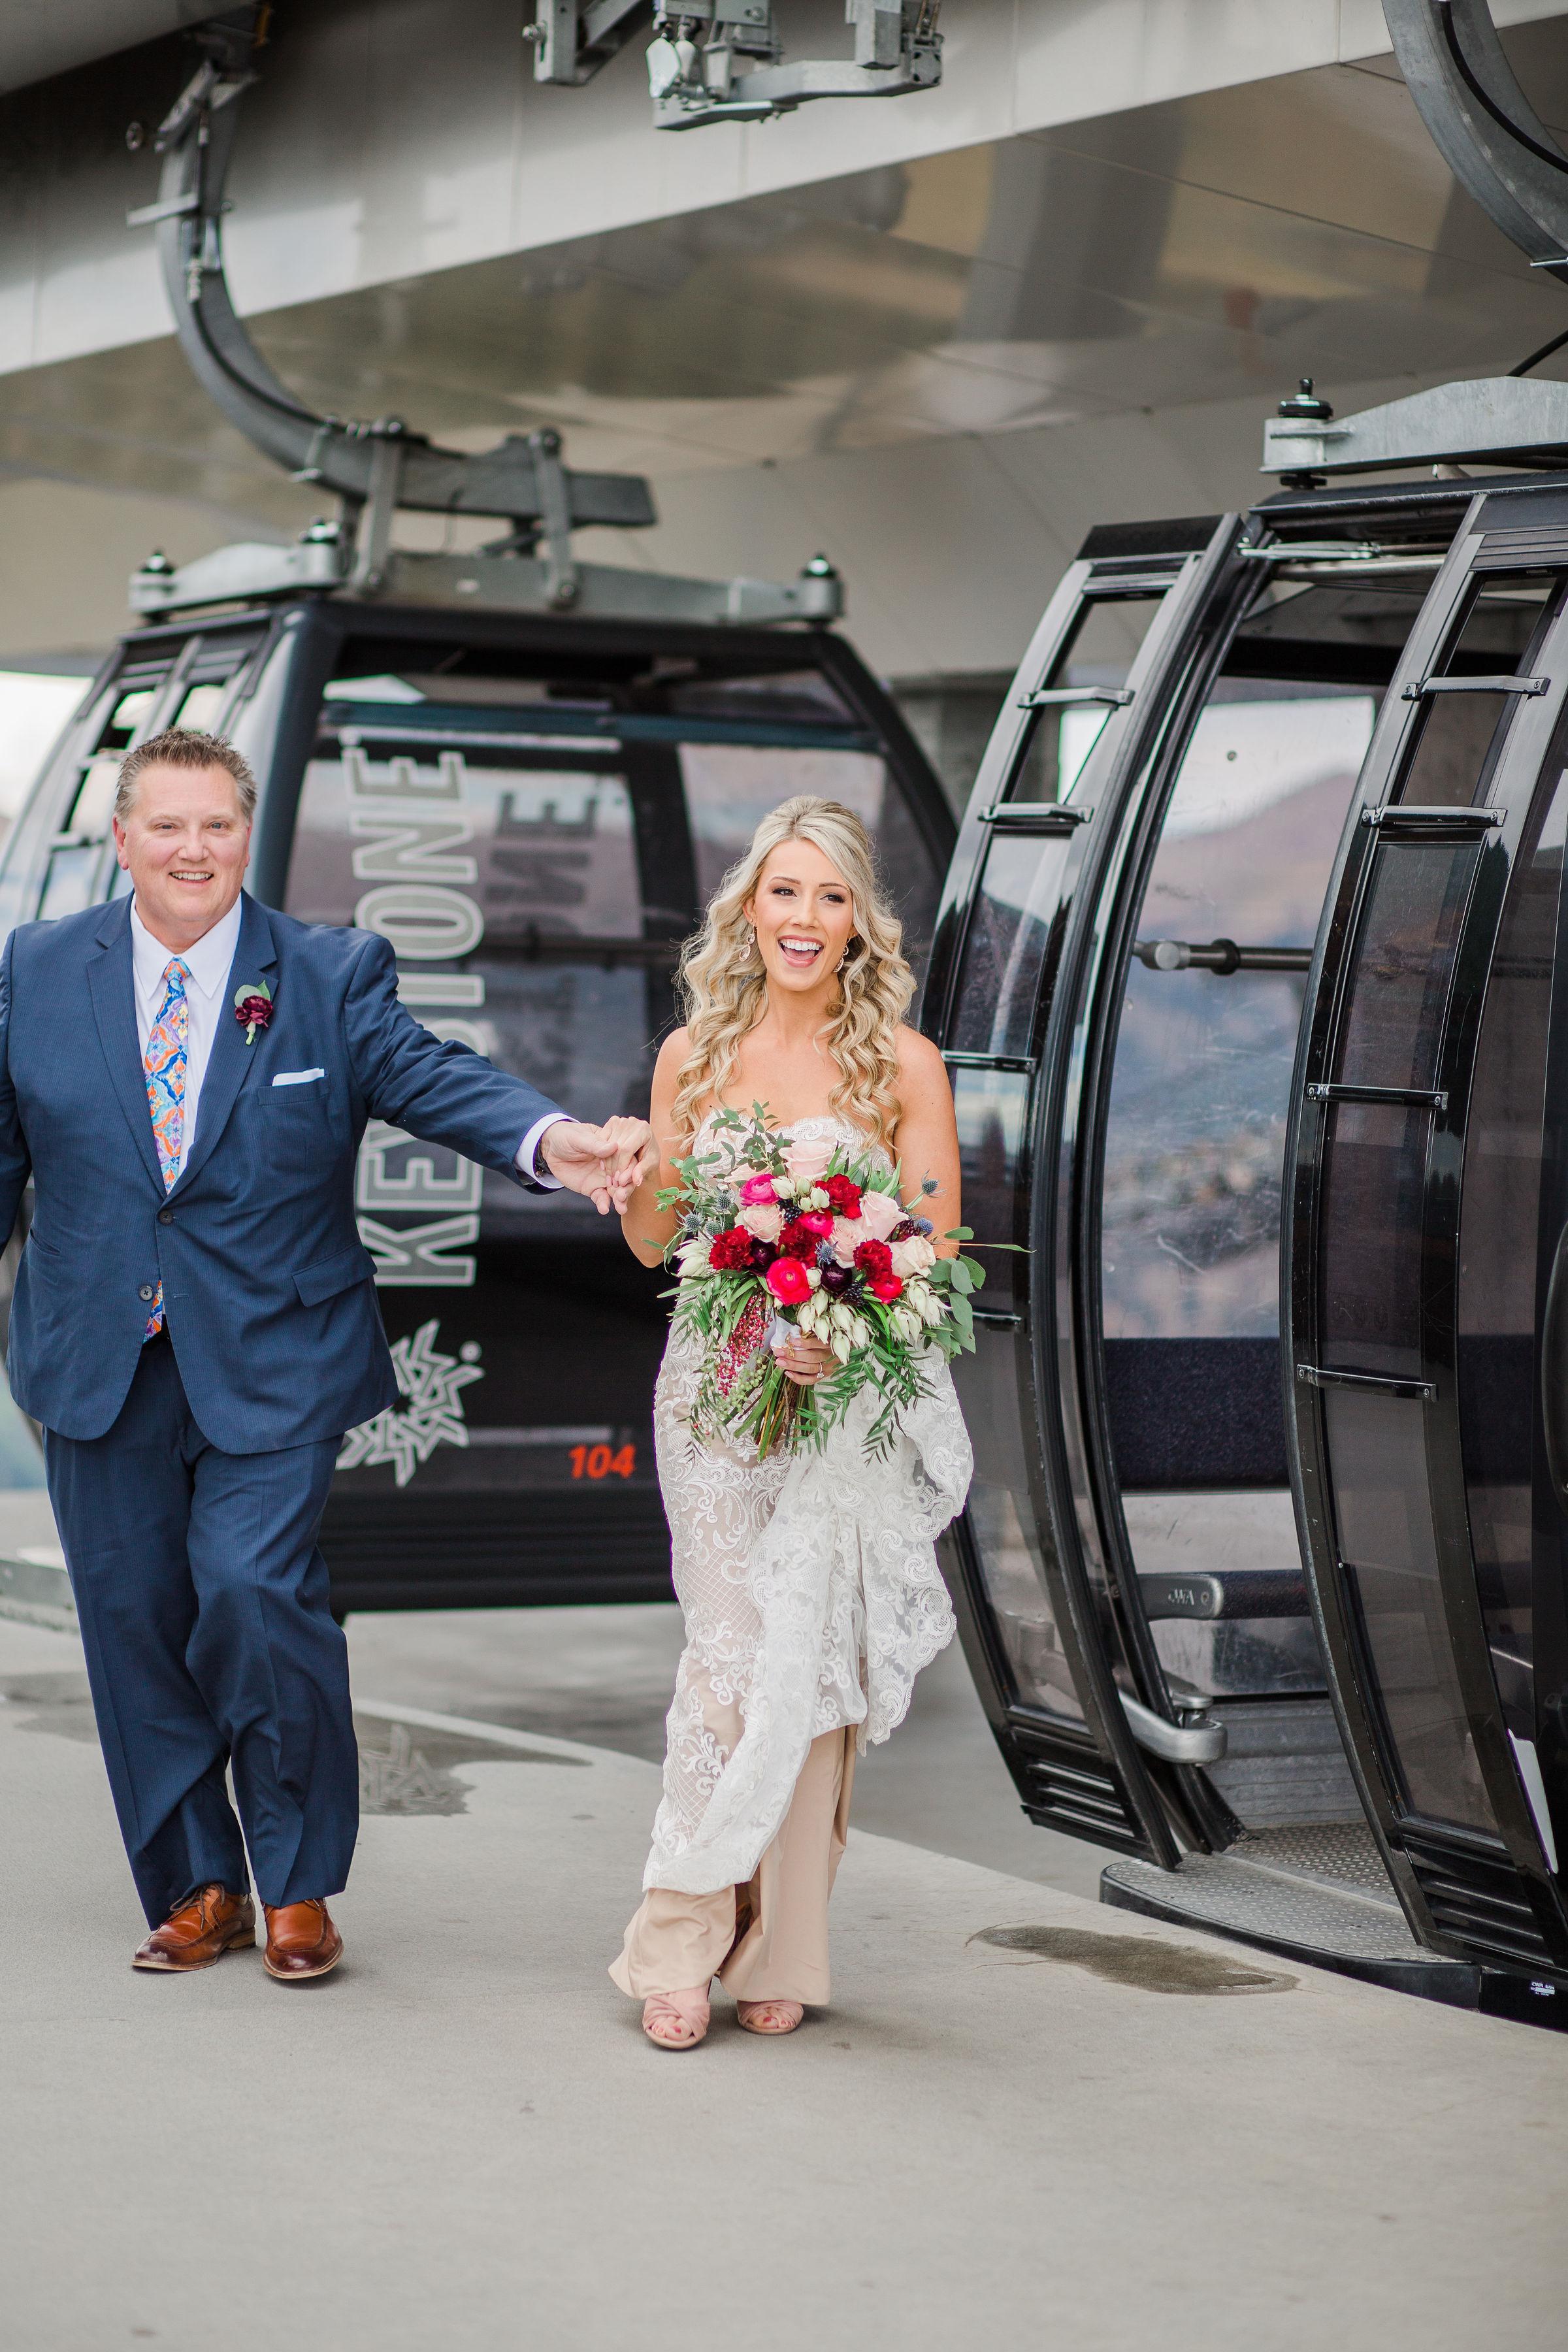 Father presenting Bride